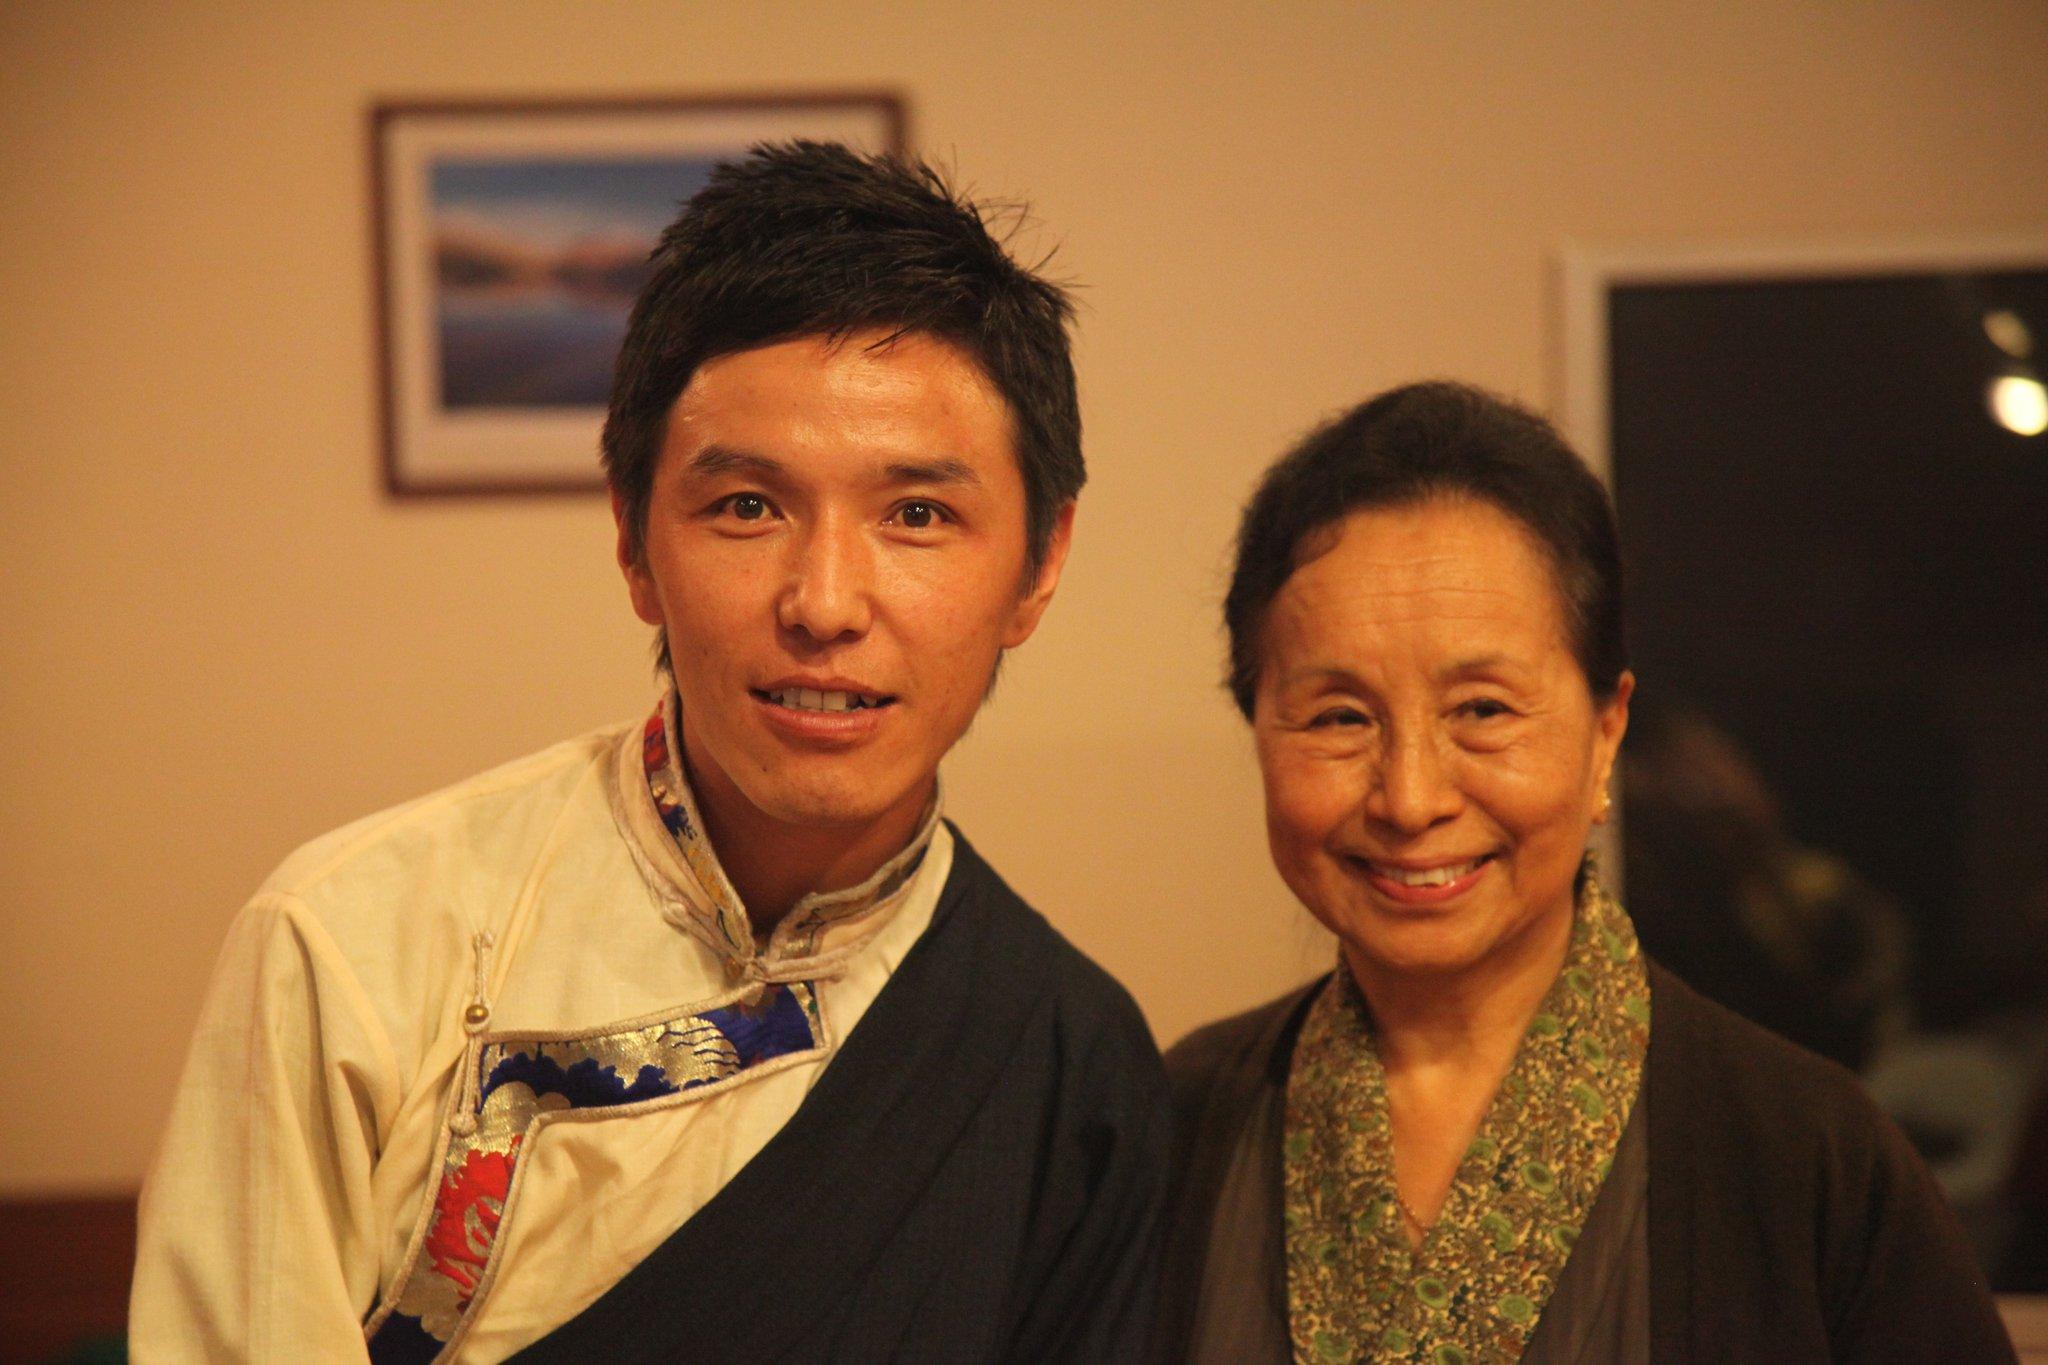 Mr. Thinley Umawa with DIIR Kasur Kelsang Yangkyi Taklha.